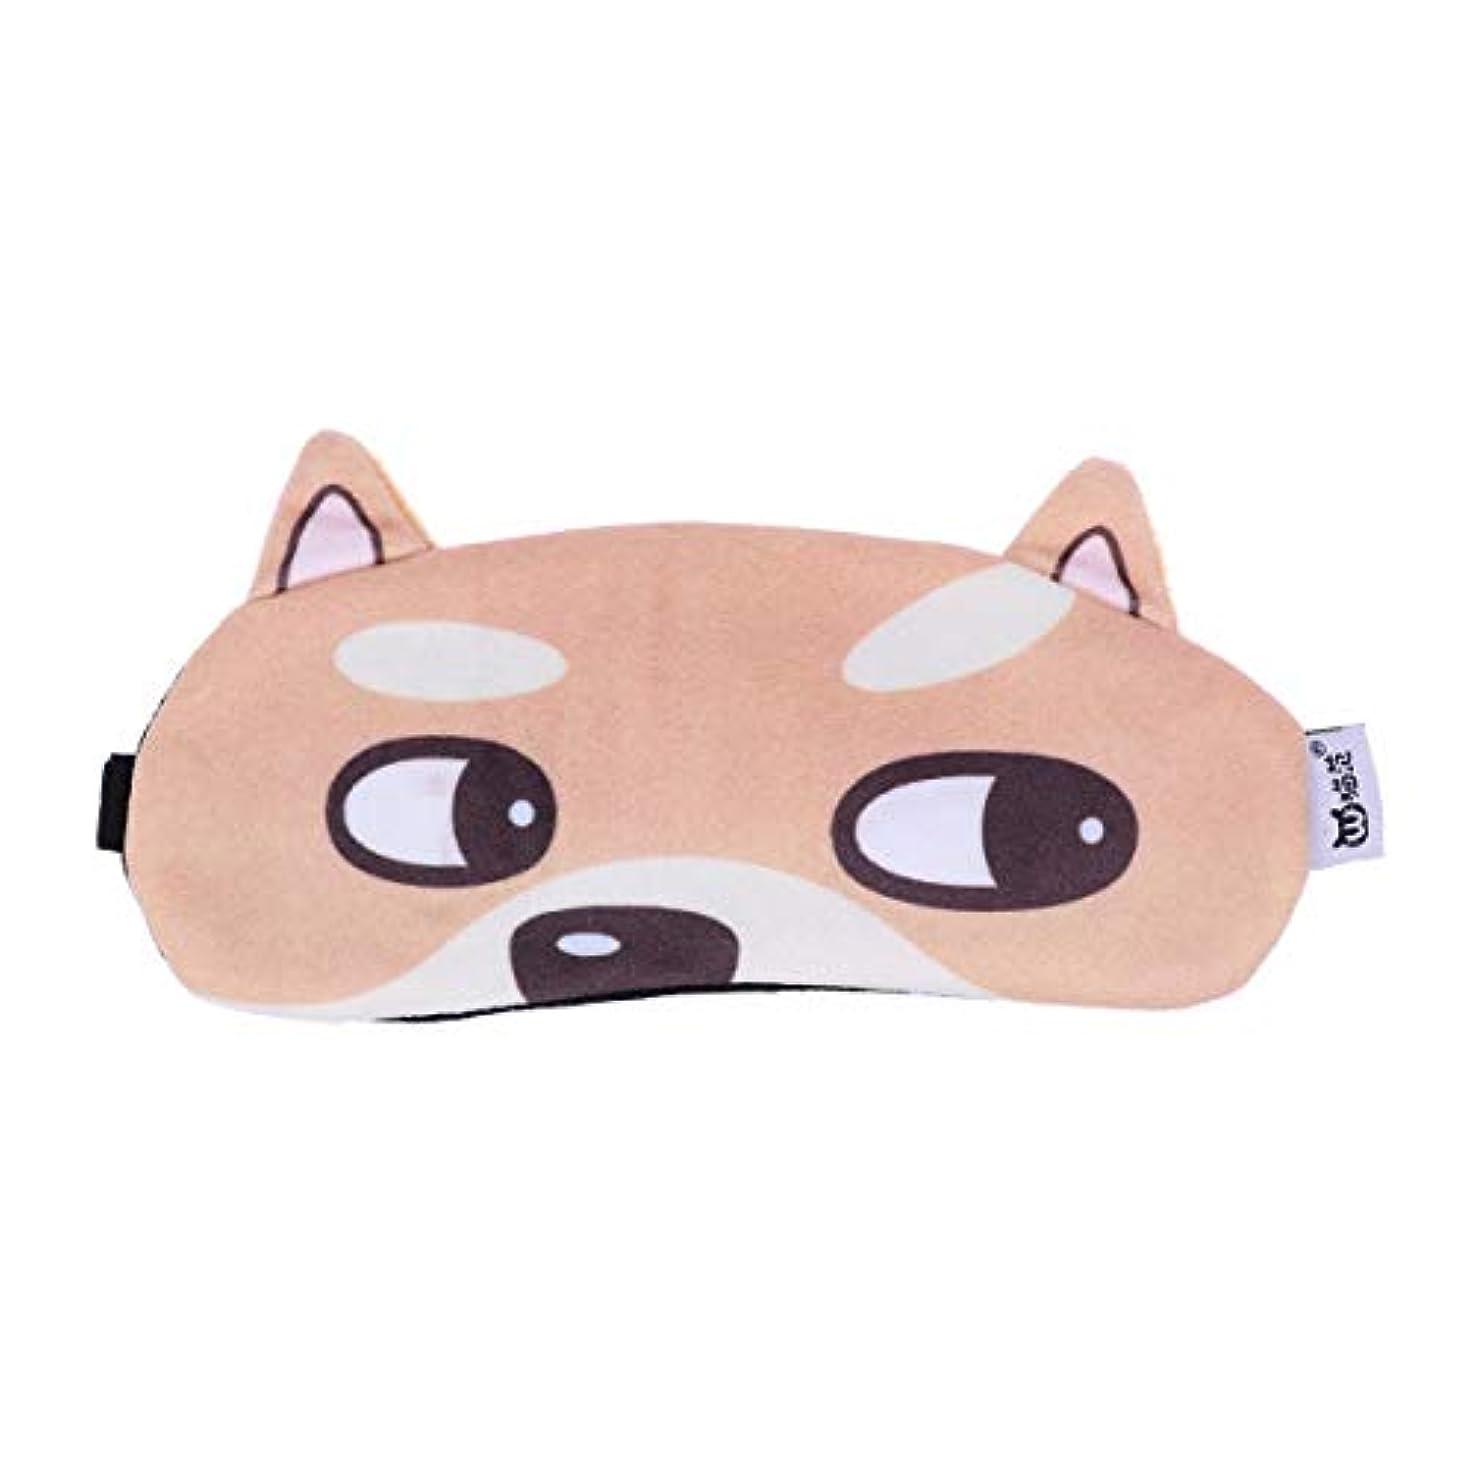 性差別粒豊富なHealifty アイマスク ゲル アイスパッド アイスアイマスク 目隠し リラックス 冷却 パック 再使用可能 目の疲れ軽減 安眠 血行促進(犬)